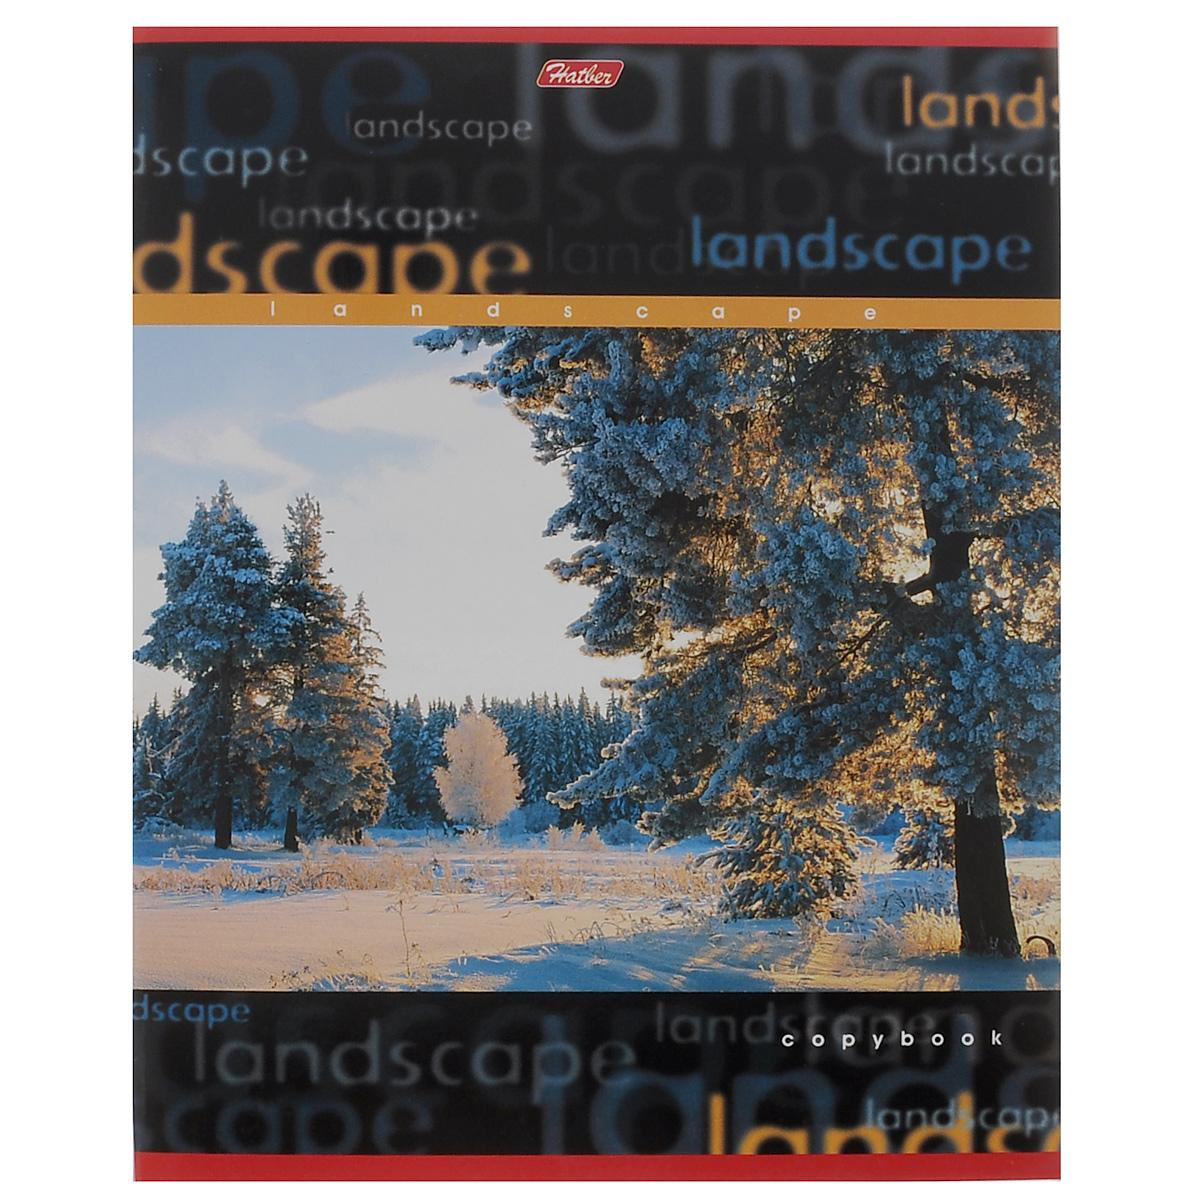 Тетрадь в линейку Hatber Пейзажи. Зимний лес, 96 листов96Т5B2_черныйТетрадь Hatber Пейзажи. Зимний лес отлично подойдет для занятий школьнику или студенту. Обложка, выполненная из плотного мелованного картона, позволит сохранить тетрадь в аккуратном состоянии на протяжении всего времени использования. Лицевая сторона оформлена красочным изображением зимнего пейзажа. Внутренний блок тетради, соединенный металлическими скрепками, состоит из 96 листов белой бумаги в голубую линейку с полями.